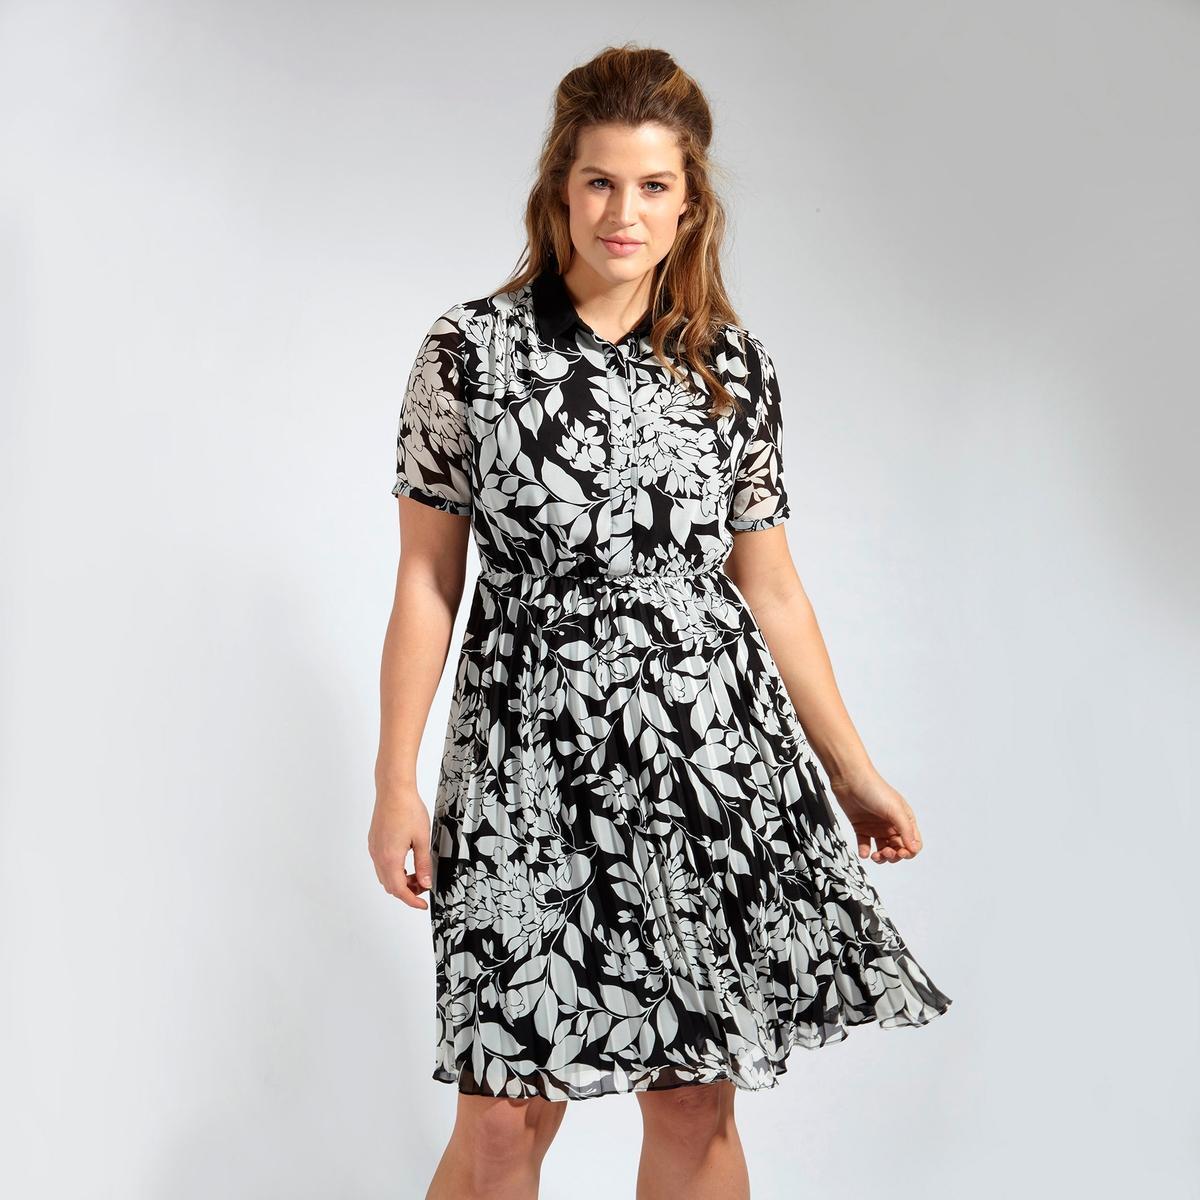 ПлатьеПлатье LOVEDROBE. Красивое платье с рубашечным воротником на пуговицах . Эффект плиссировки снизу . 100% полиэстер<br><br>Цвет: цветочный рисунок